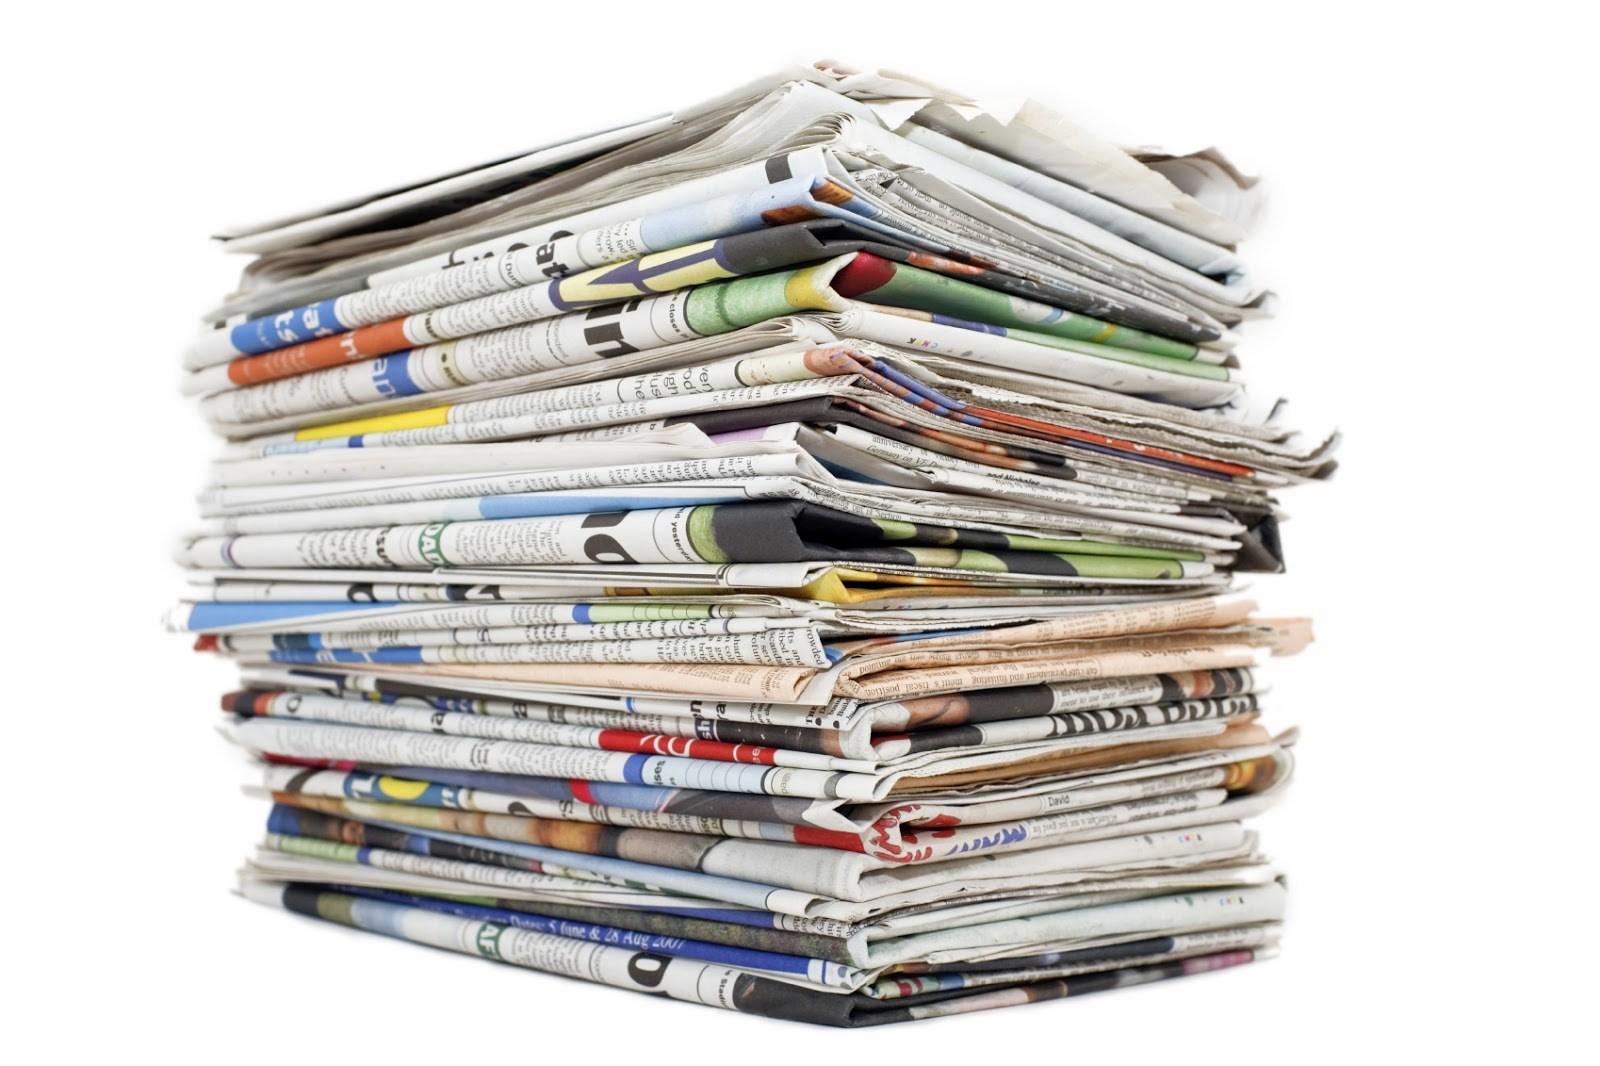 Mijarên sereke yên rojnameyên erebî yên îro